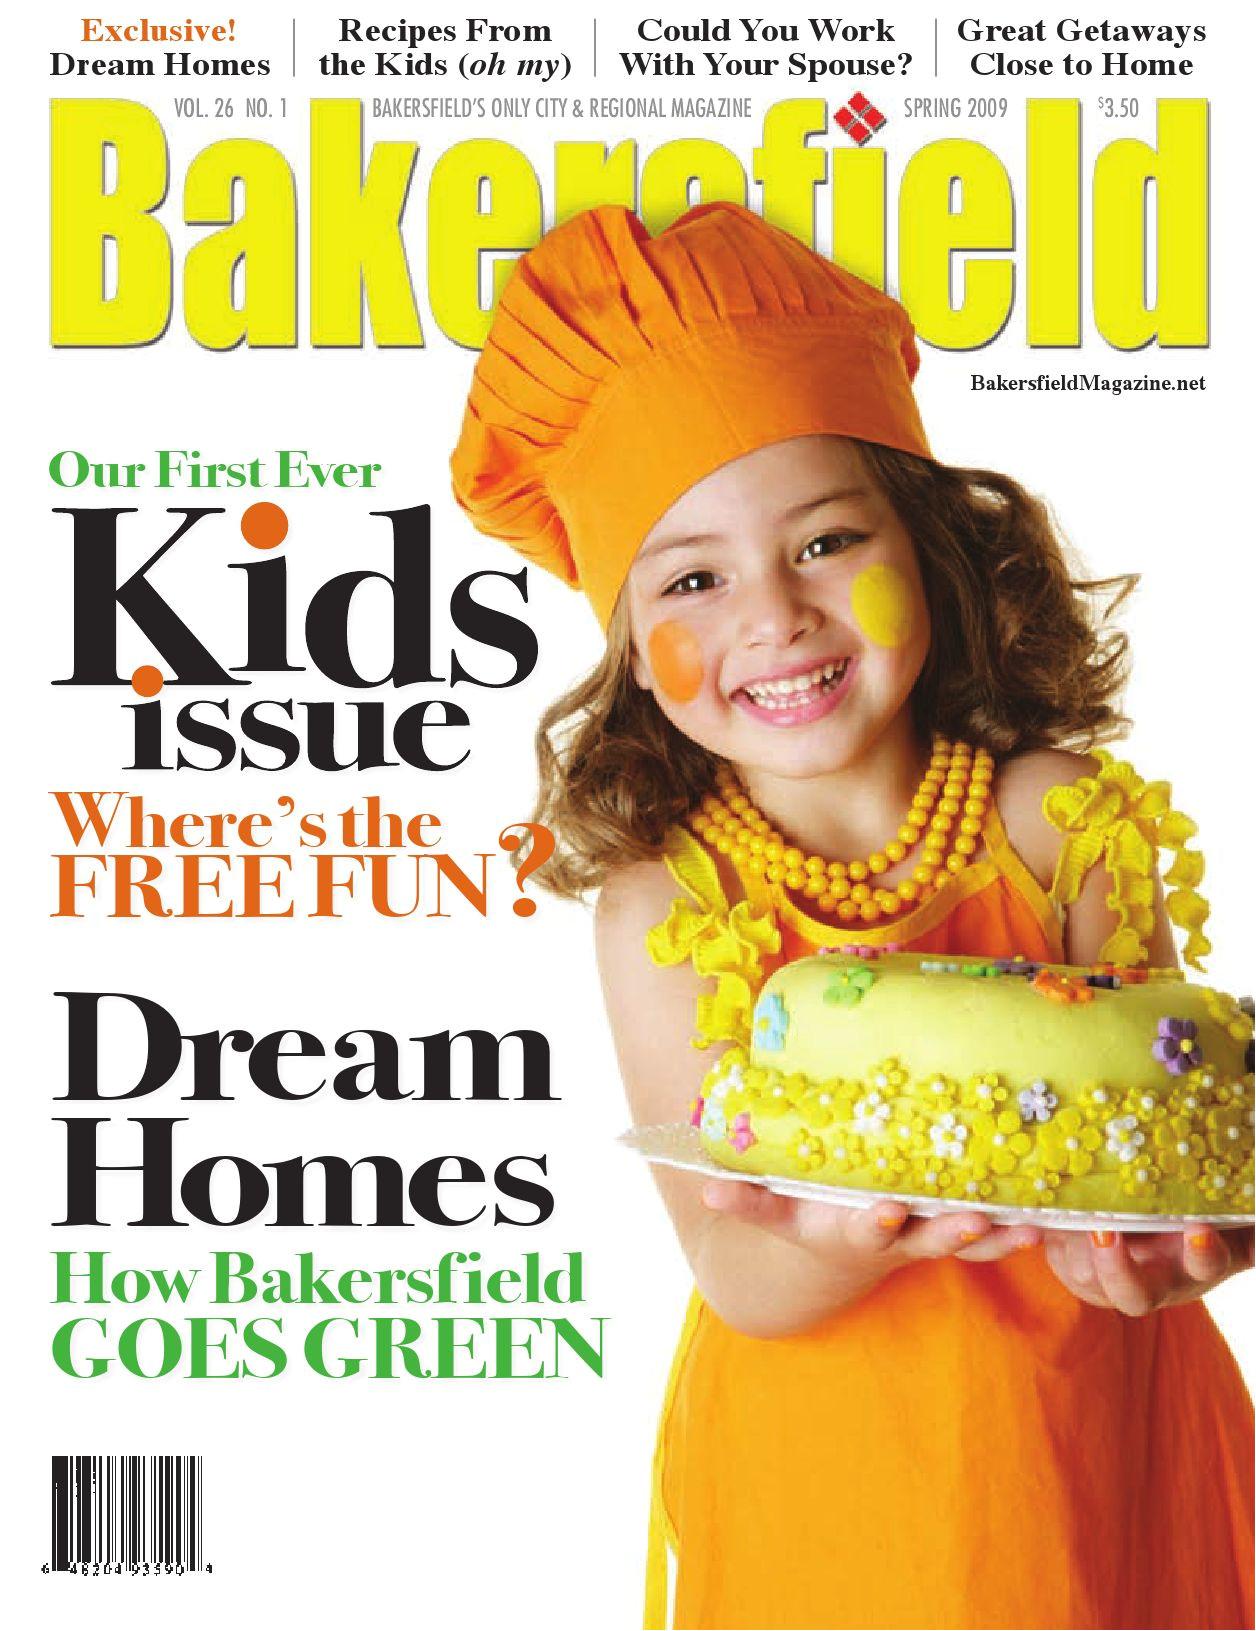 Free Food Baskets Bakersfield Ca Bakersfield Magazine 26 1 Dream Homes by Bakersfield Magazine